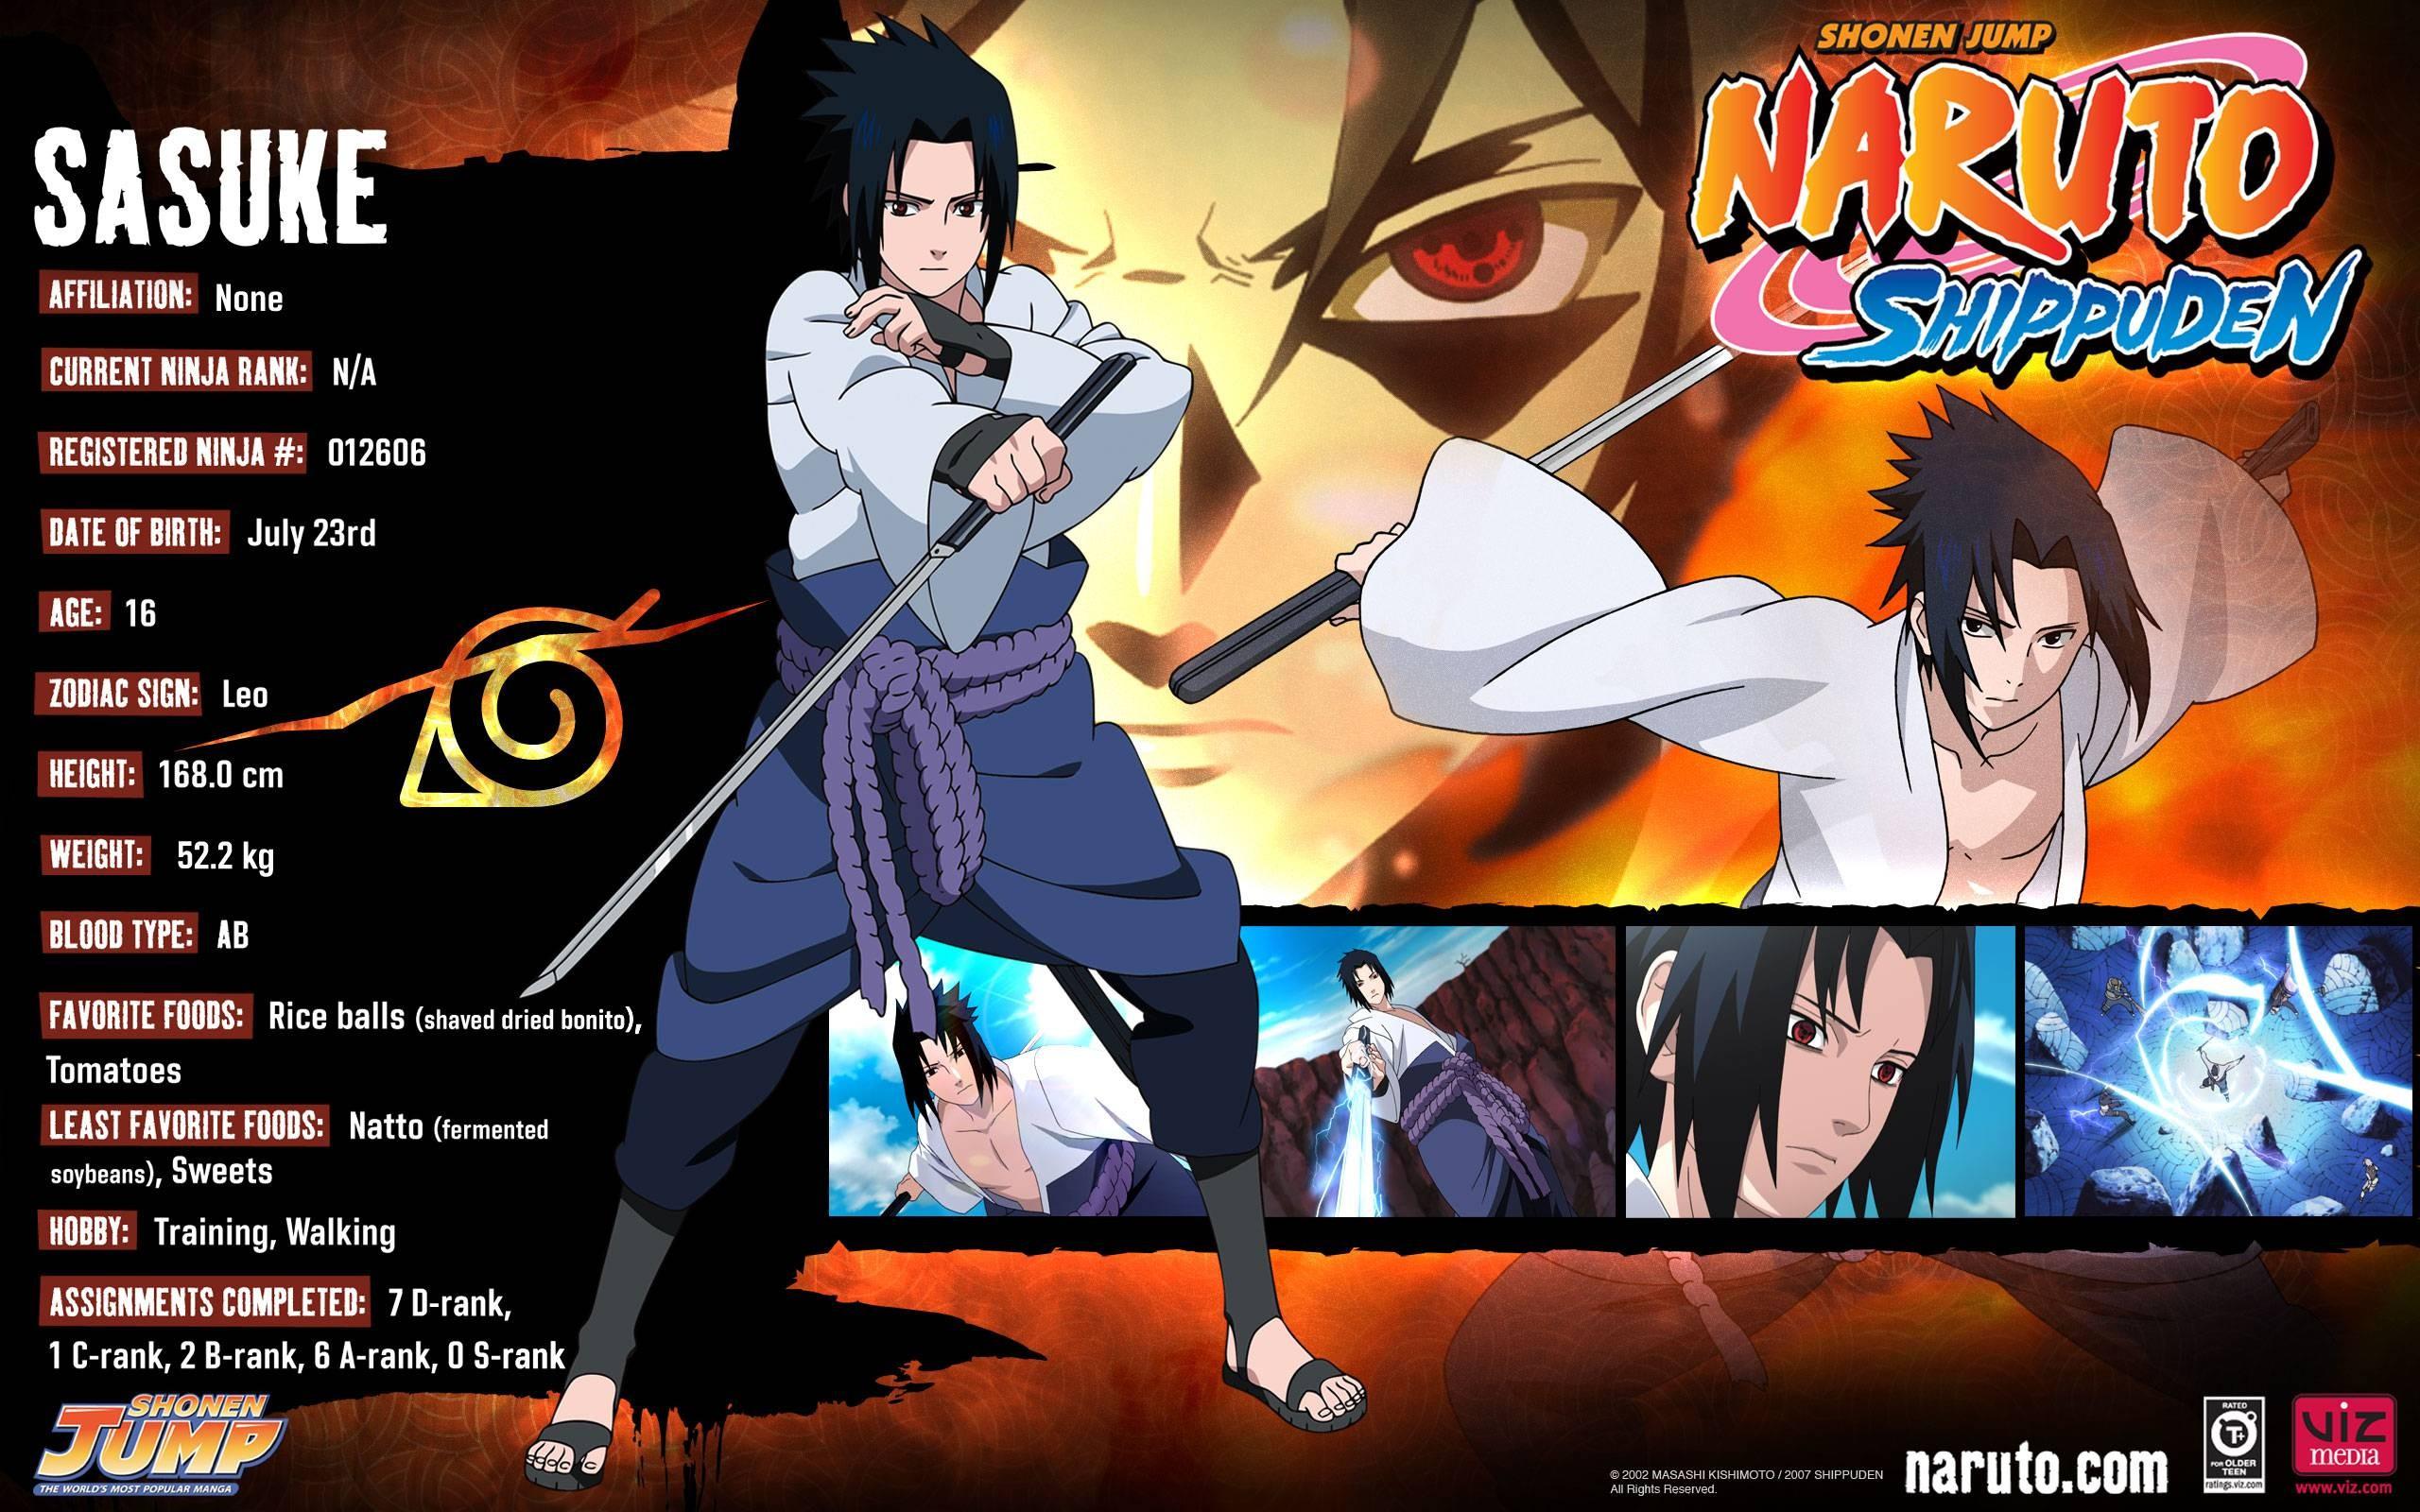 700 Wallpaper Android Naruto Shippuden  Paling Baru